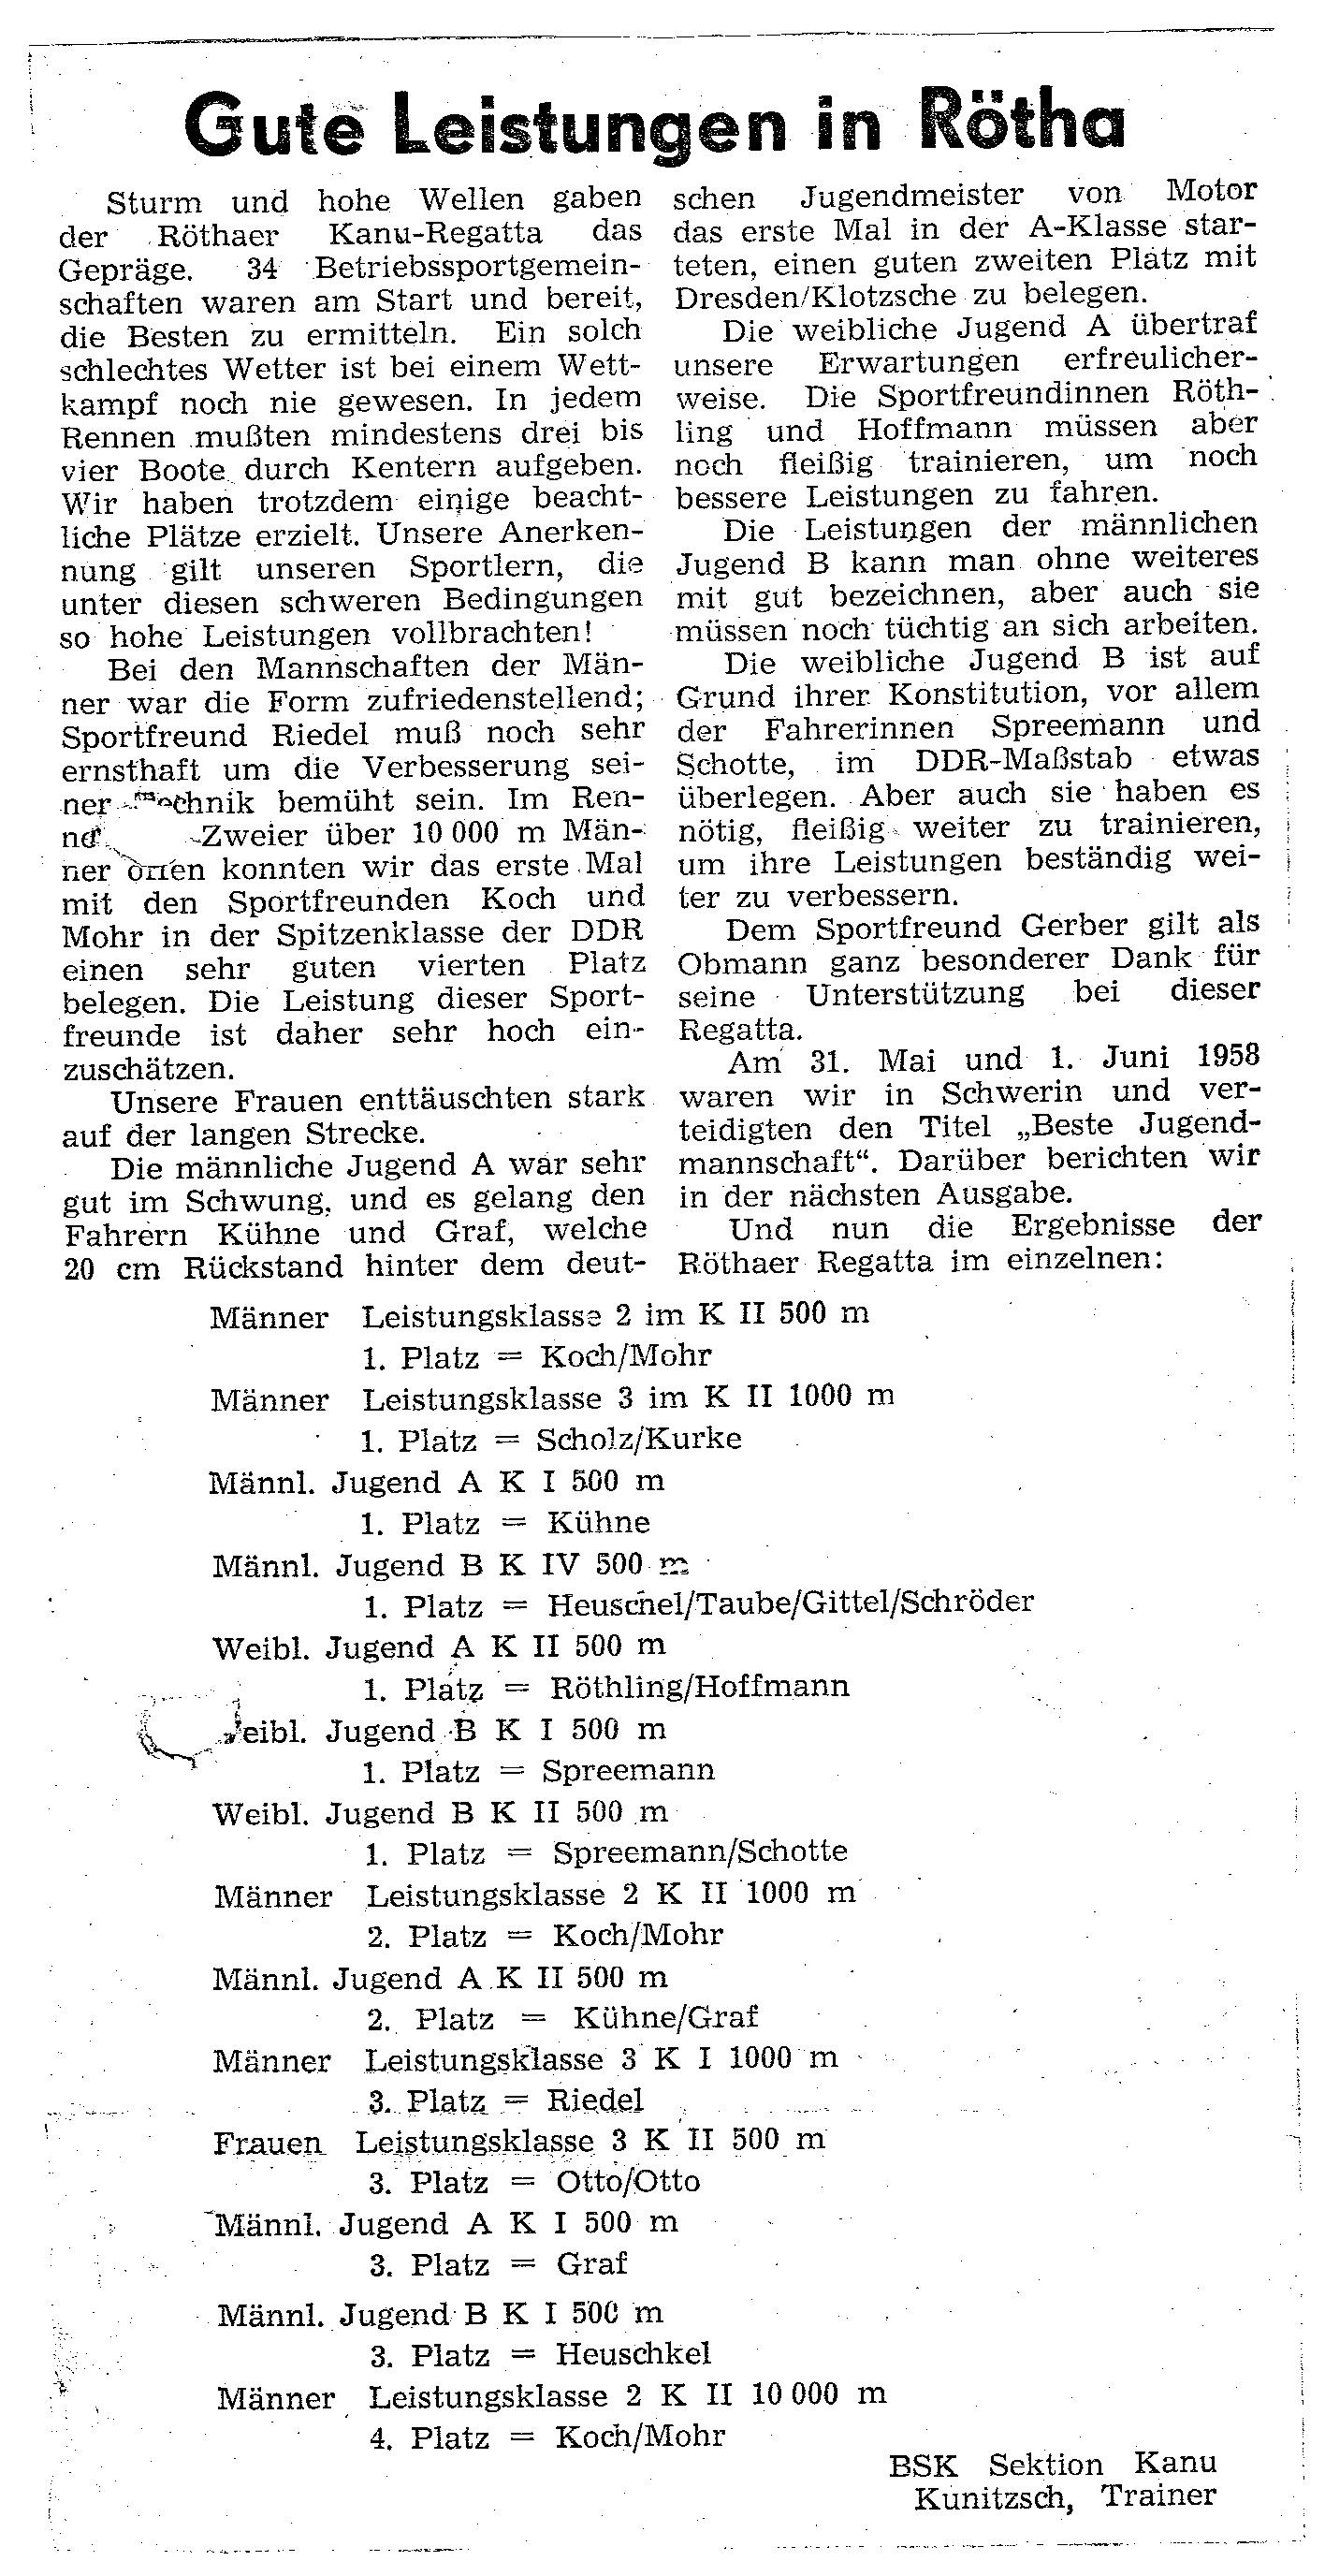 1958-06-01 Gute Leistungen in Rötha